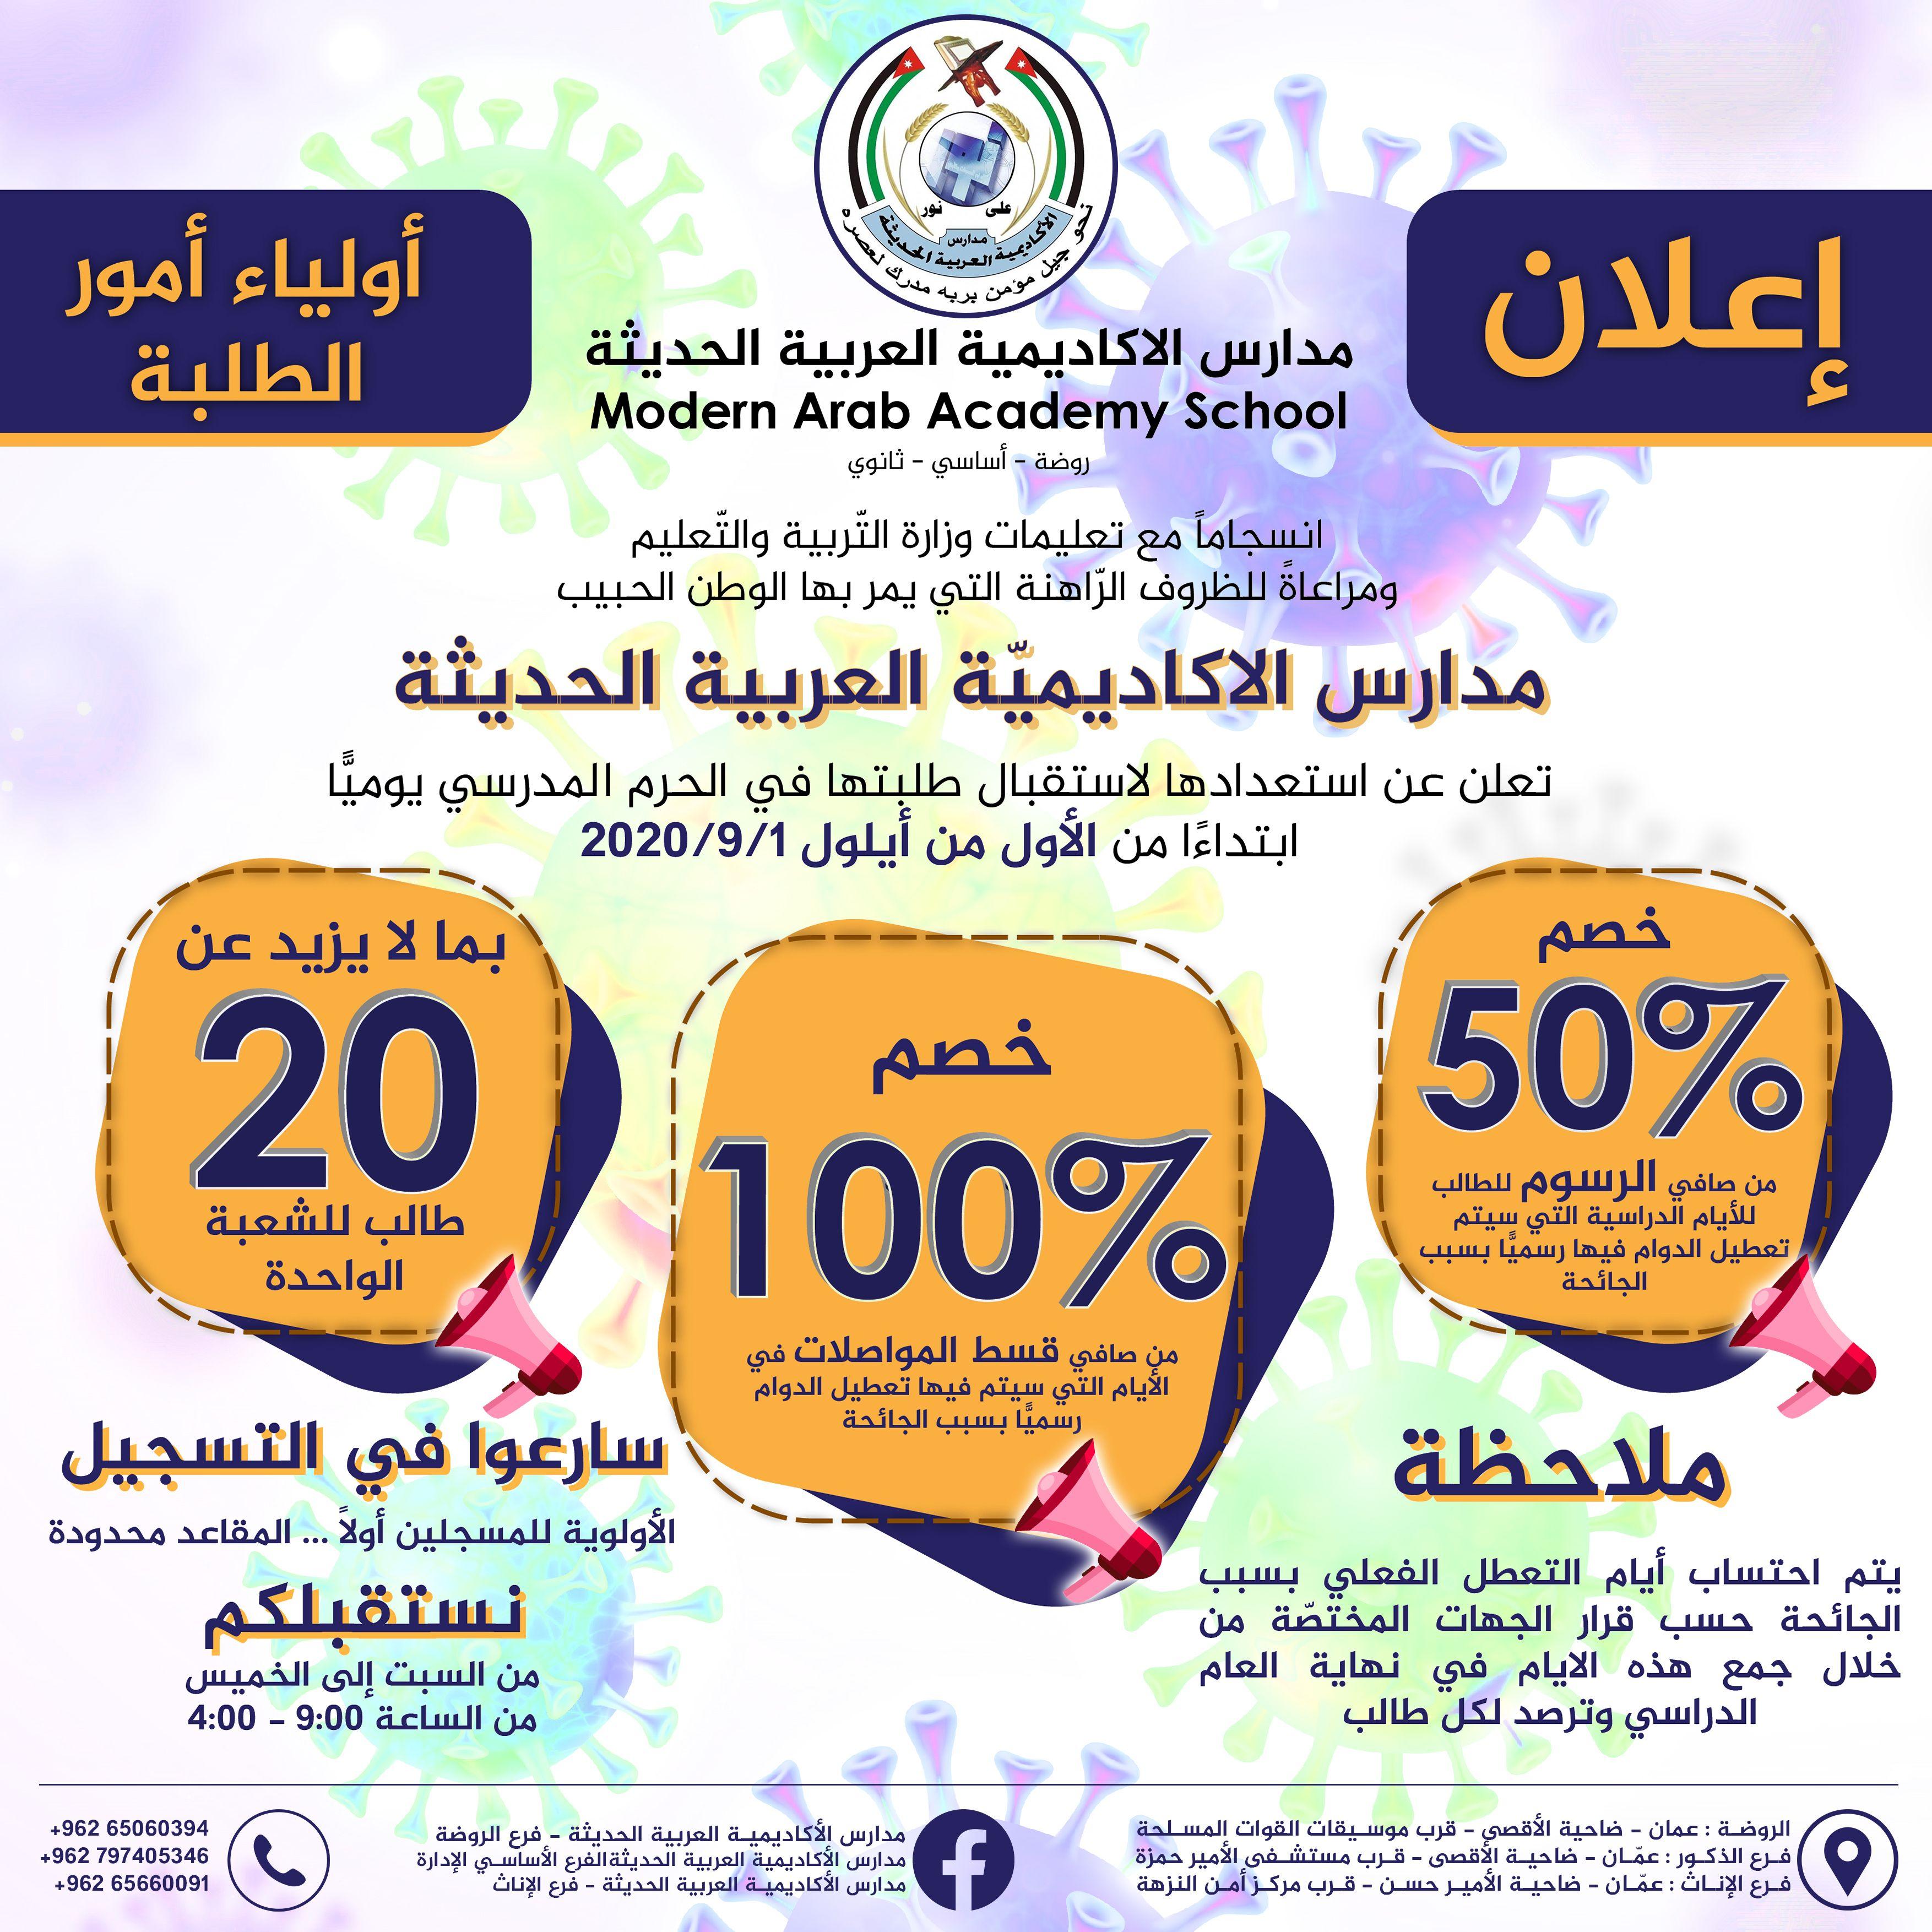 مدارس الأكاديمية العربية الحديثة Design Graphic Design